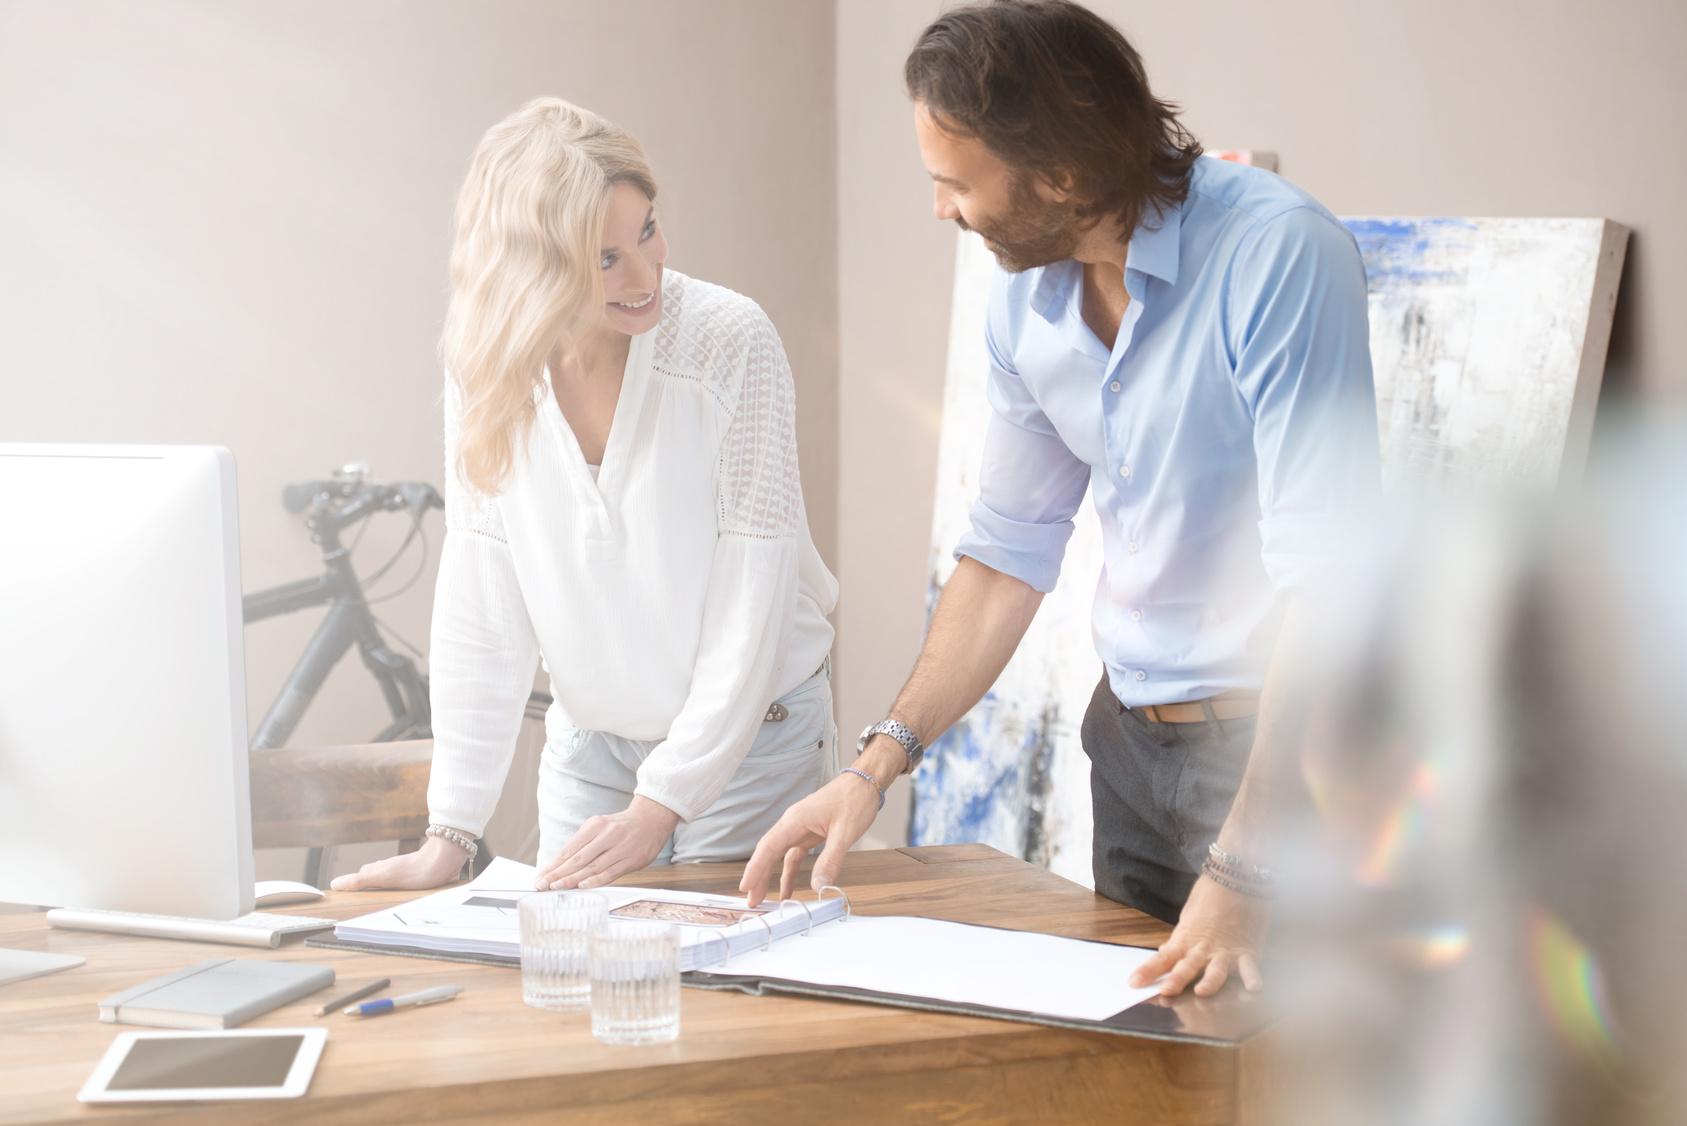 Technischer produktdesigner ausbildung gehalt studium for Produktdesigner gehalt